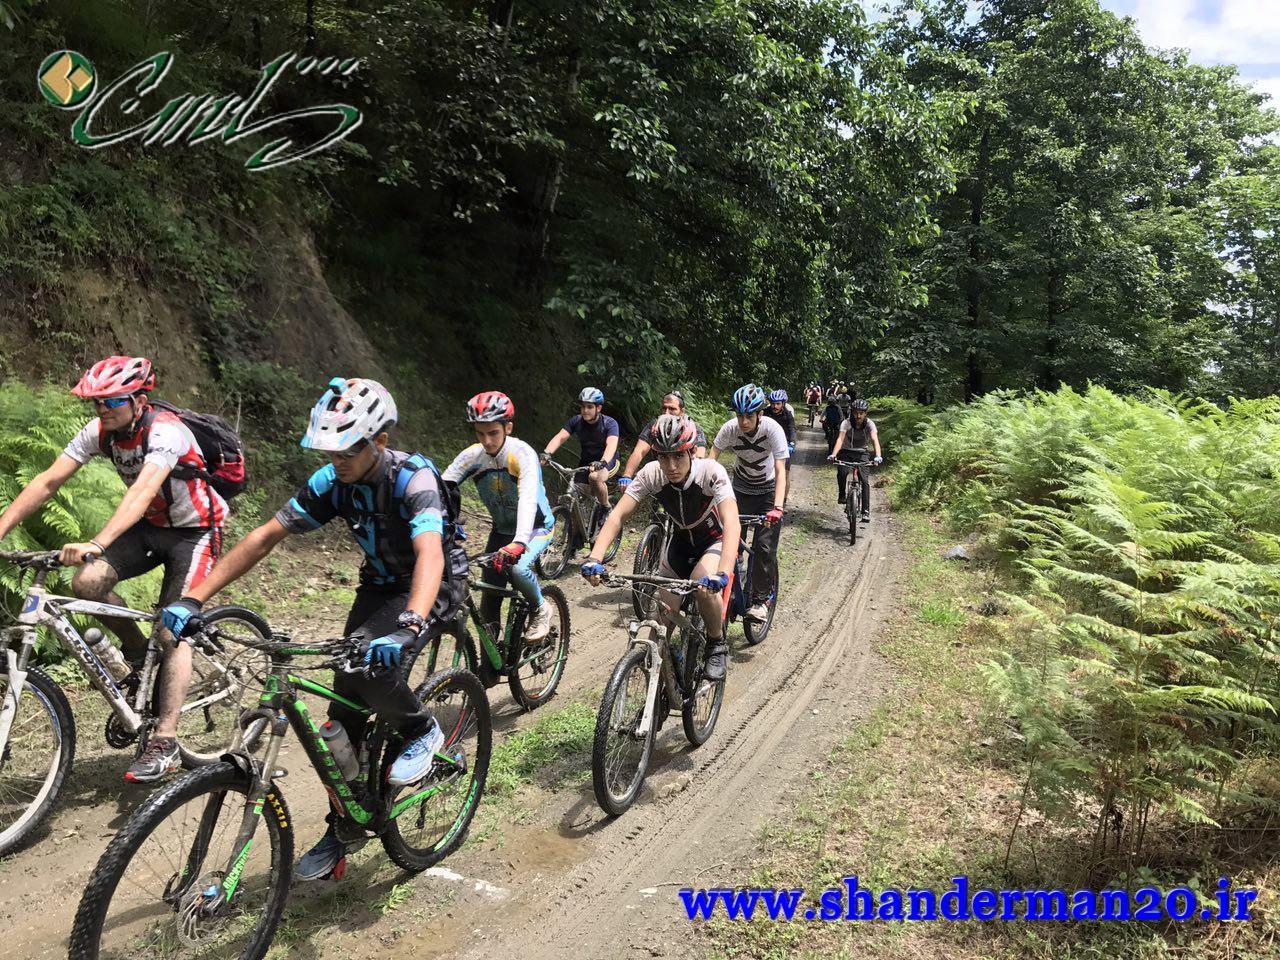 تور دوچرخه سواری گروه آویشو در ارتفاعات شاندرمن